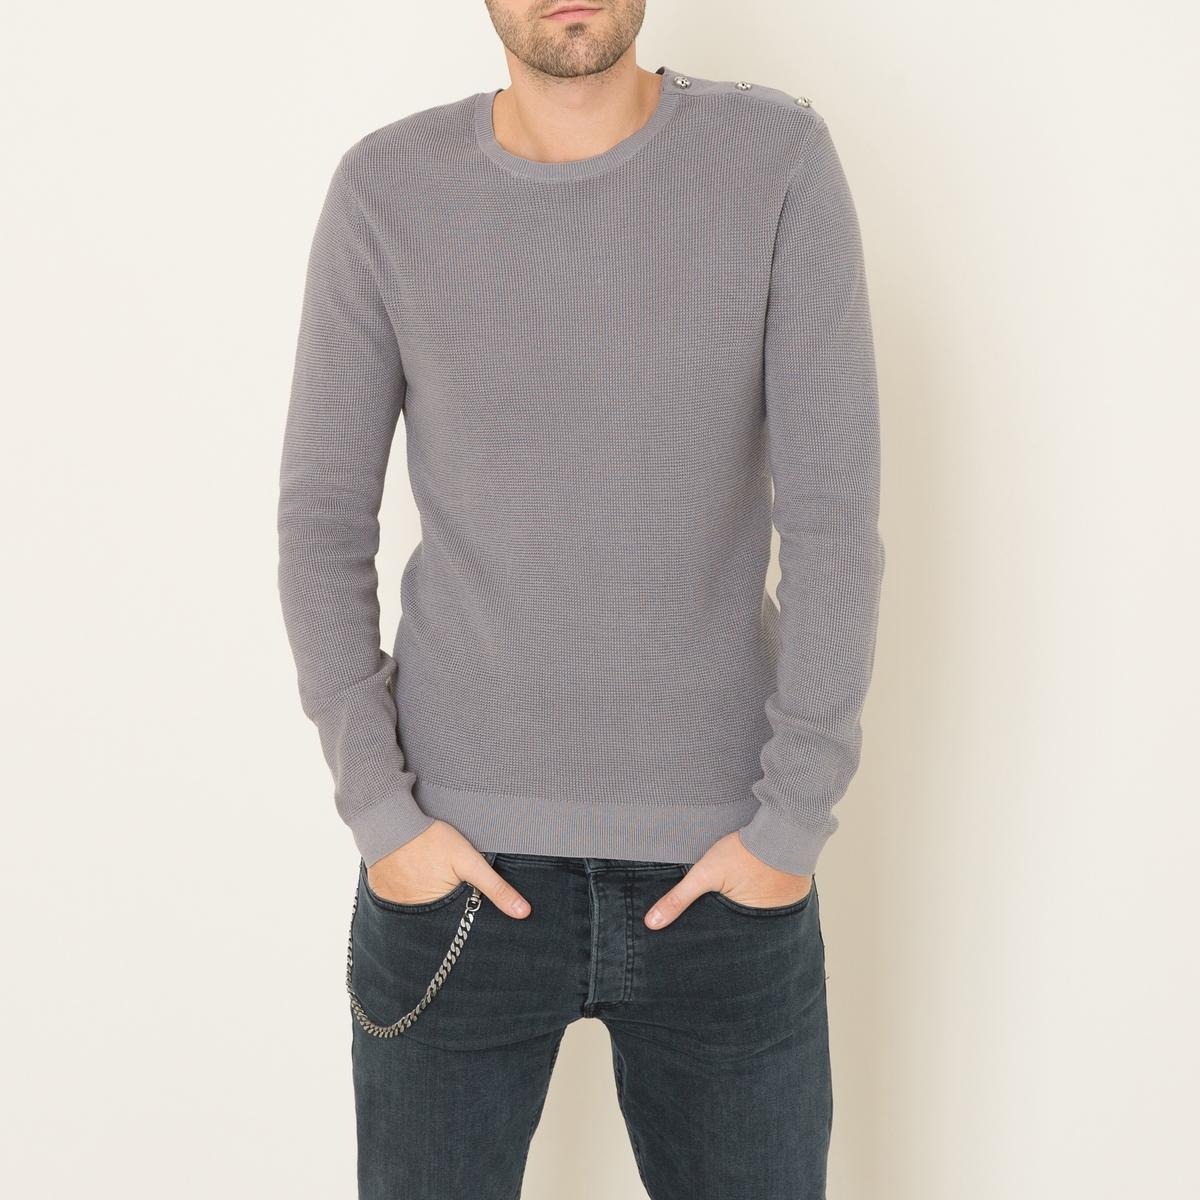 Пуловер свободныйСостав и описание:    Материал : 100% хлопок   Рубчики 99% хлопка, 1% эластана    Марка : THE KOOPLES<br><br>Цвет: серый,синий